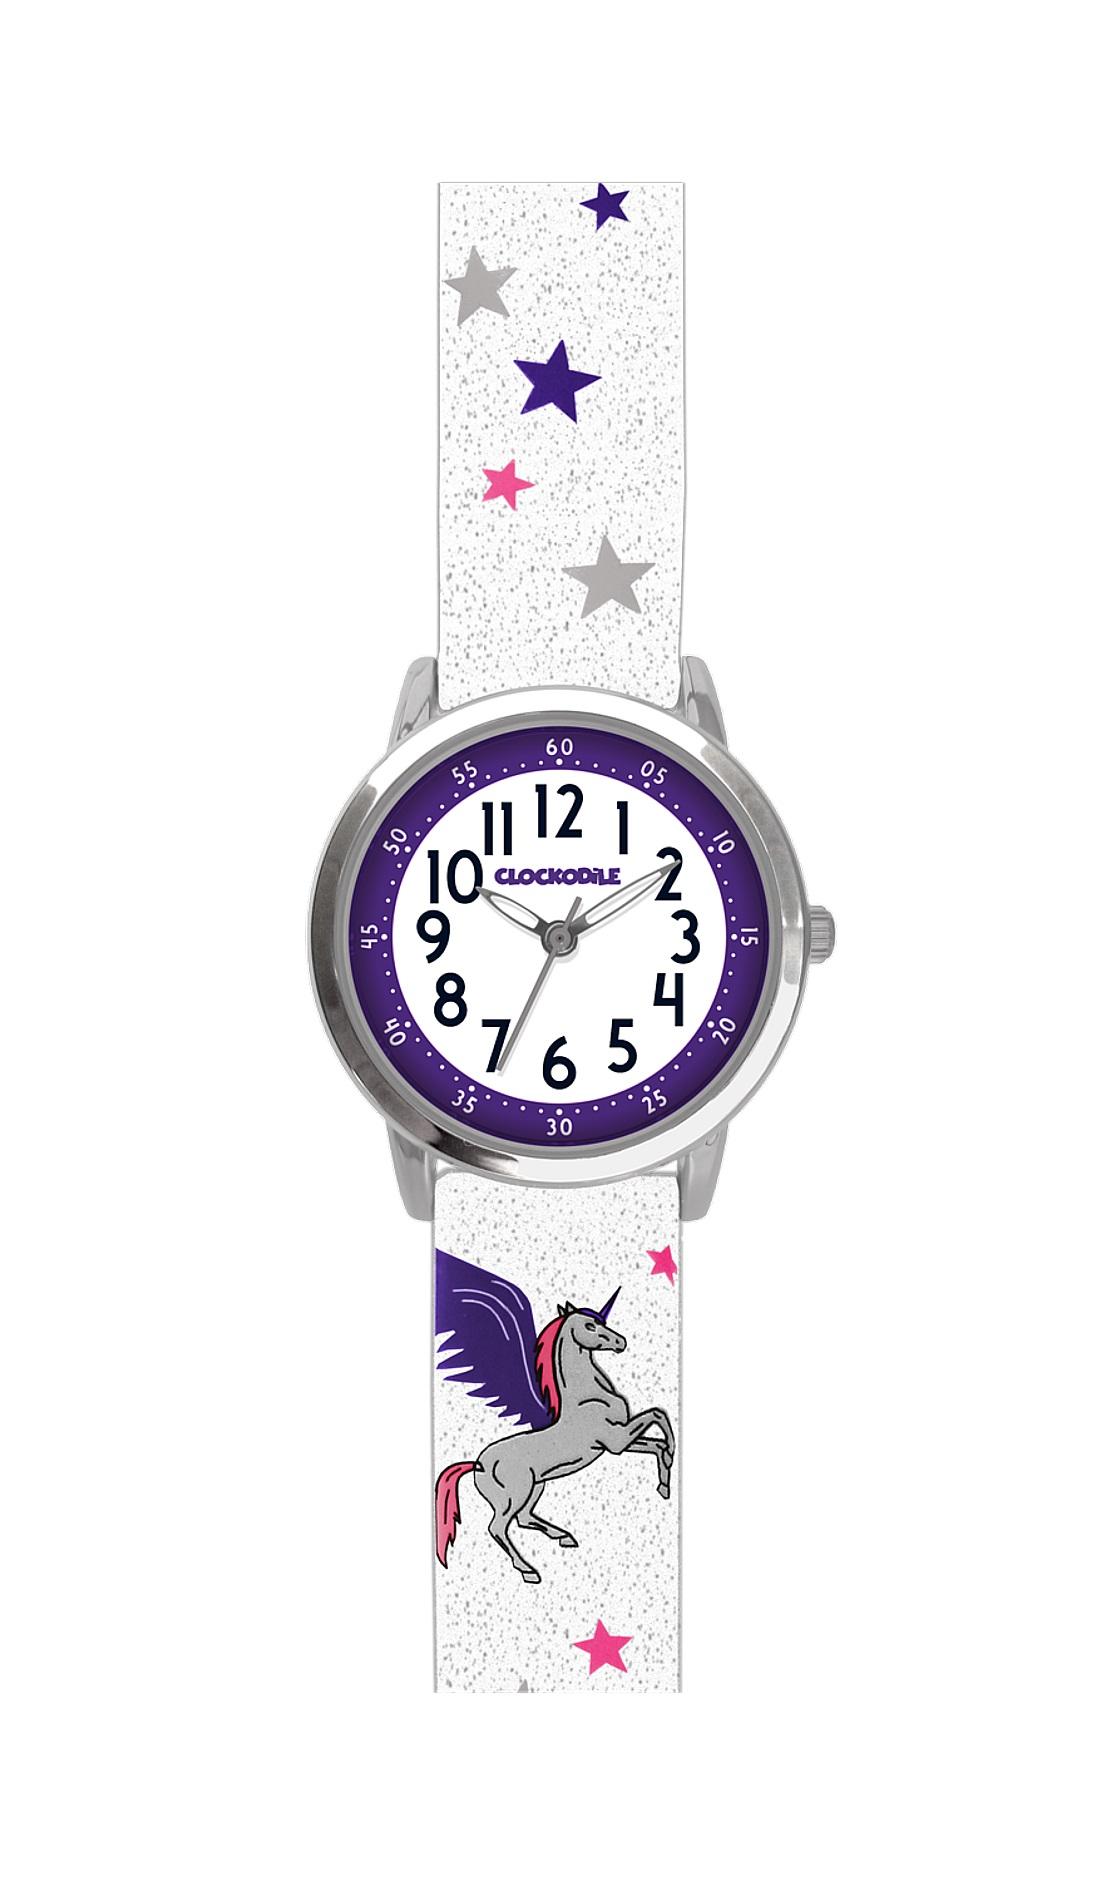 Třpytivé dívčí hodinky se stříbrným jednorožcem CLOCKODILE UNICORNS CWG5032